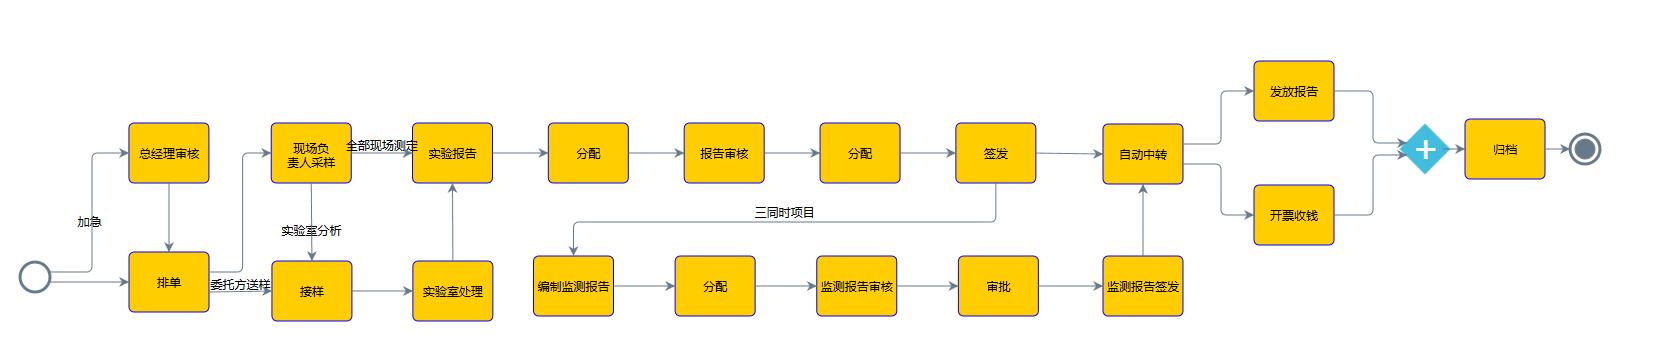 检测业务管理软件